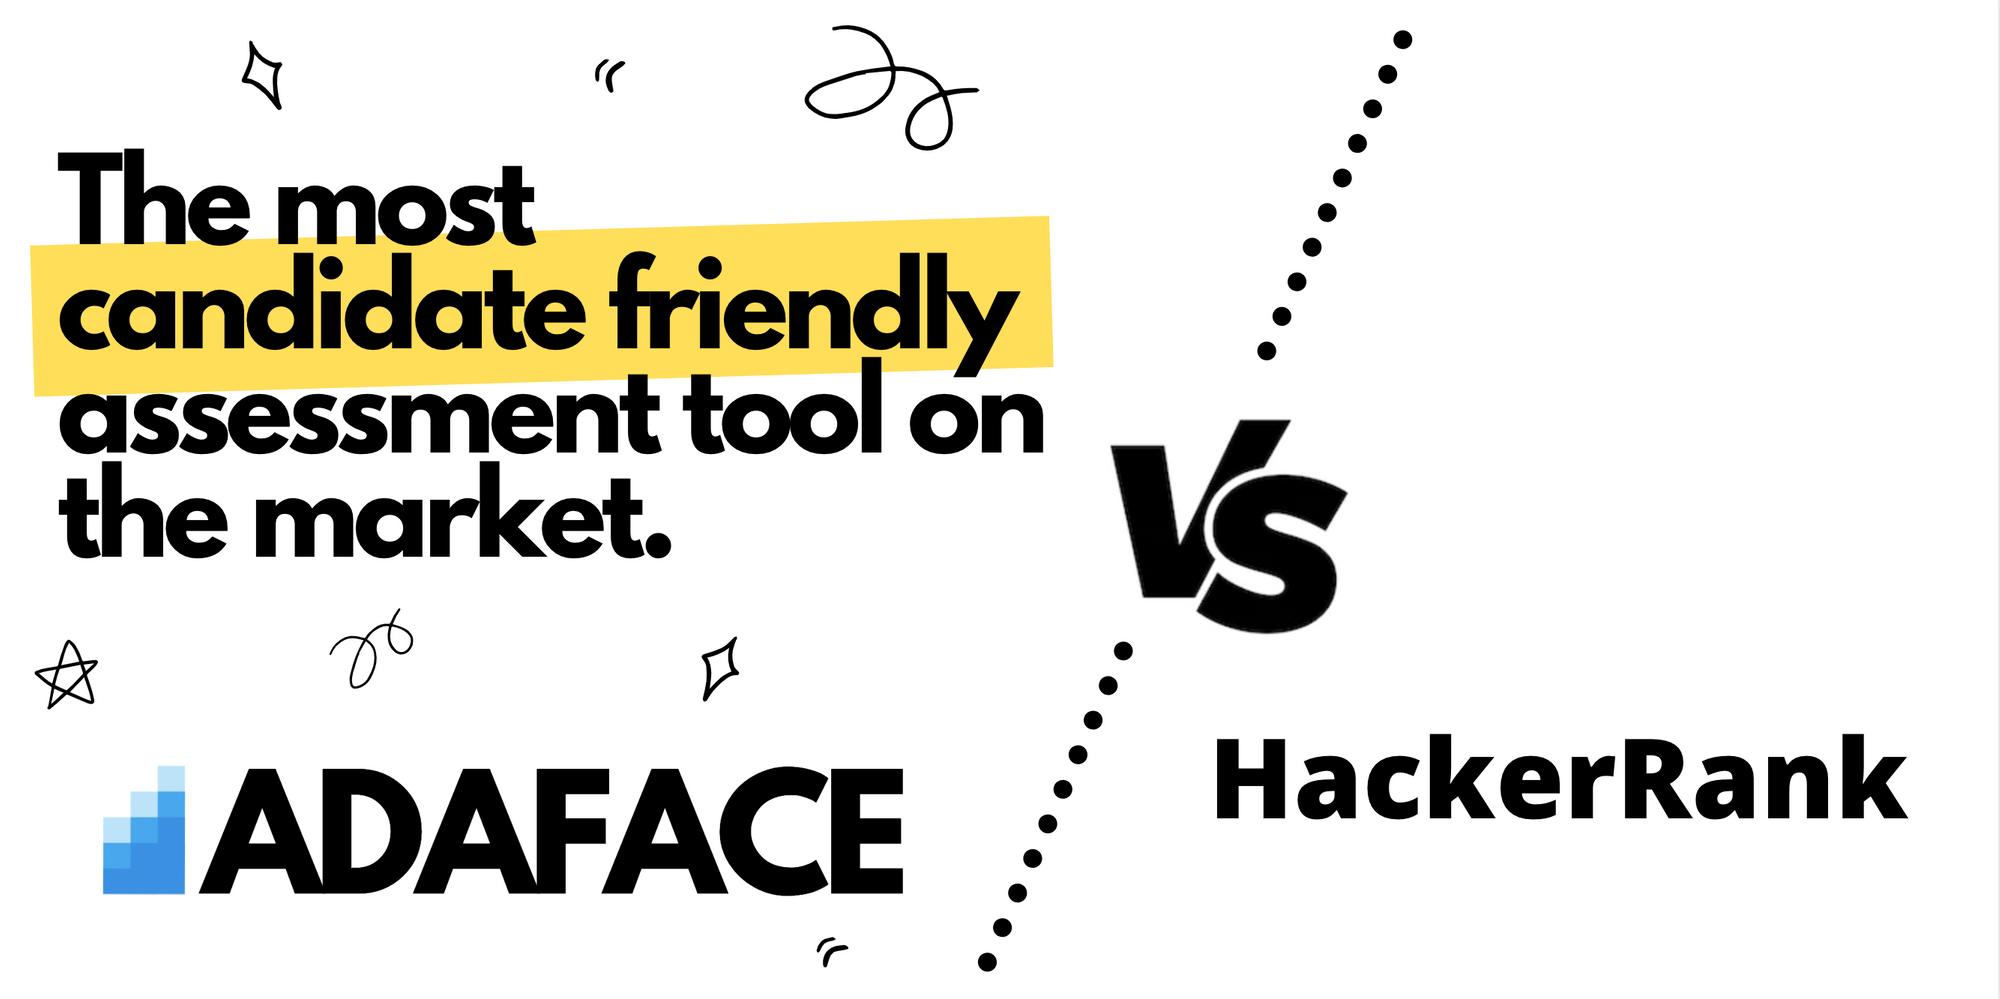 HackerRank vs Adaface image